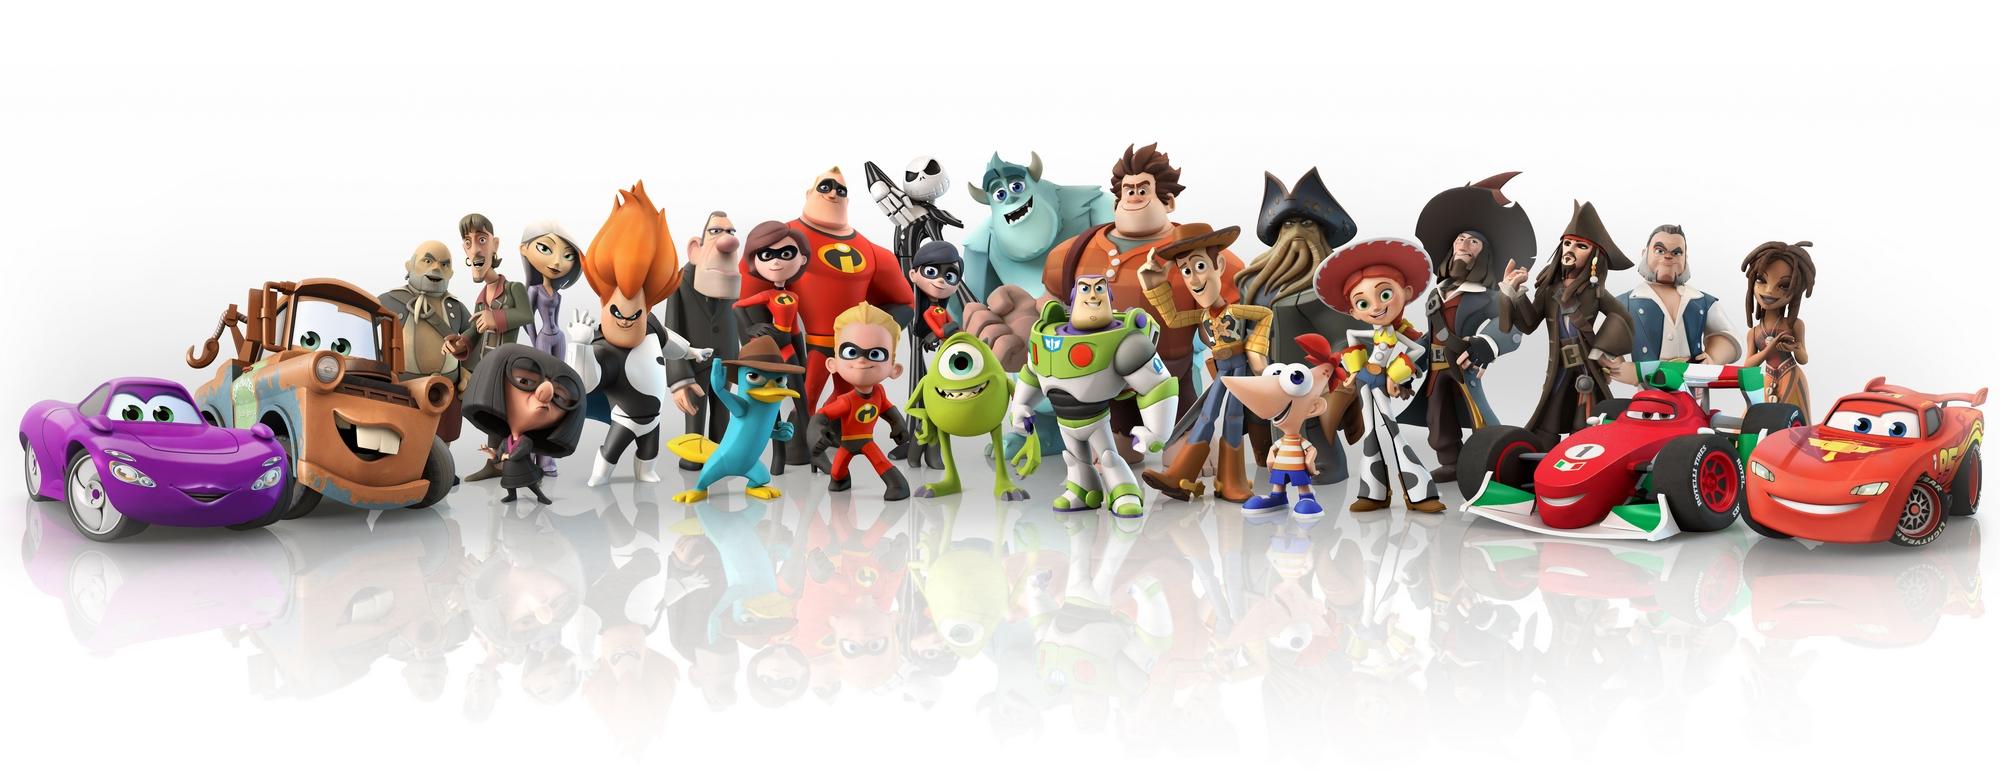 горнолыжник, мир игрушек мультфильм персонажи термобелье нового